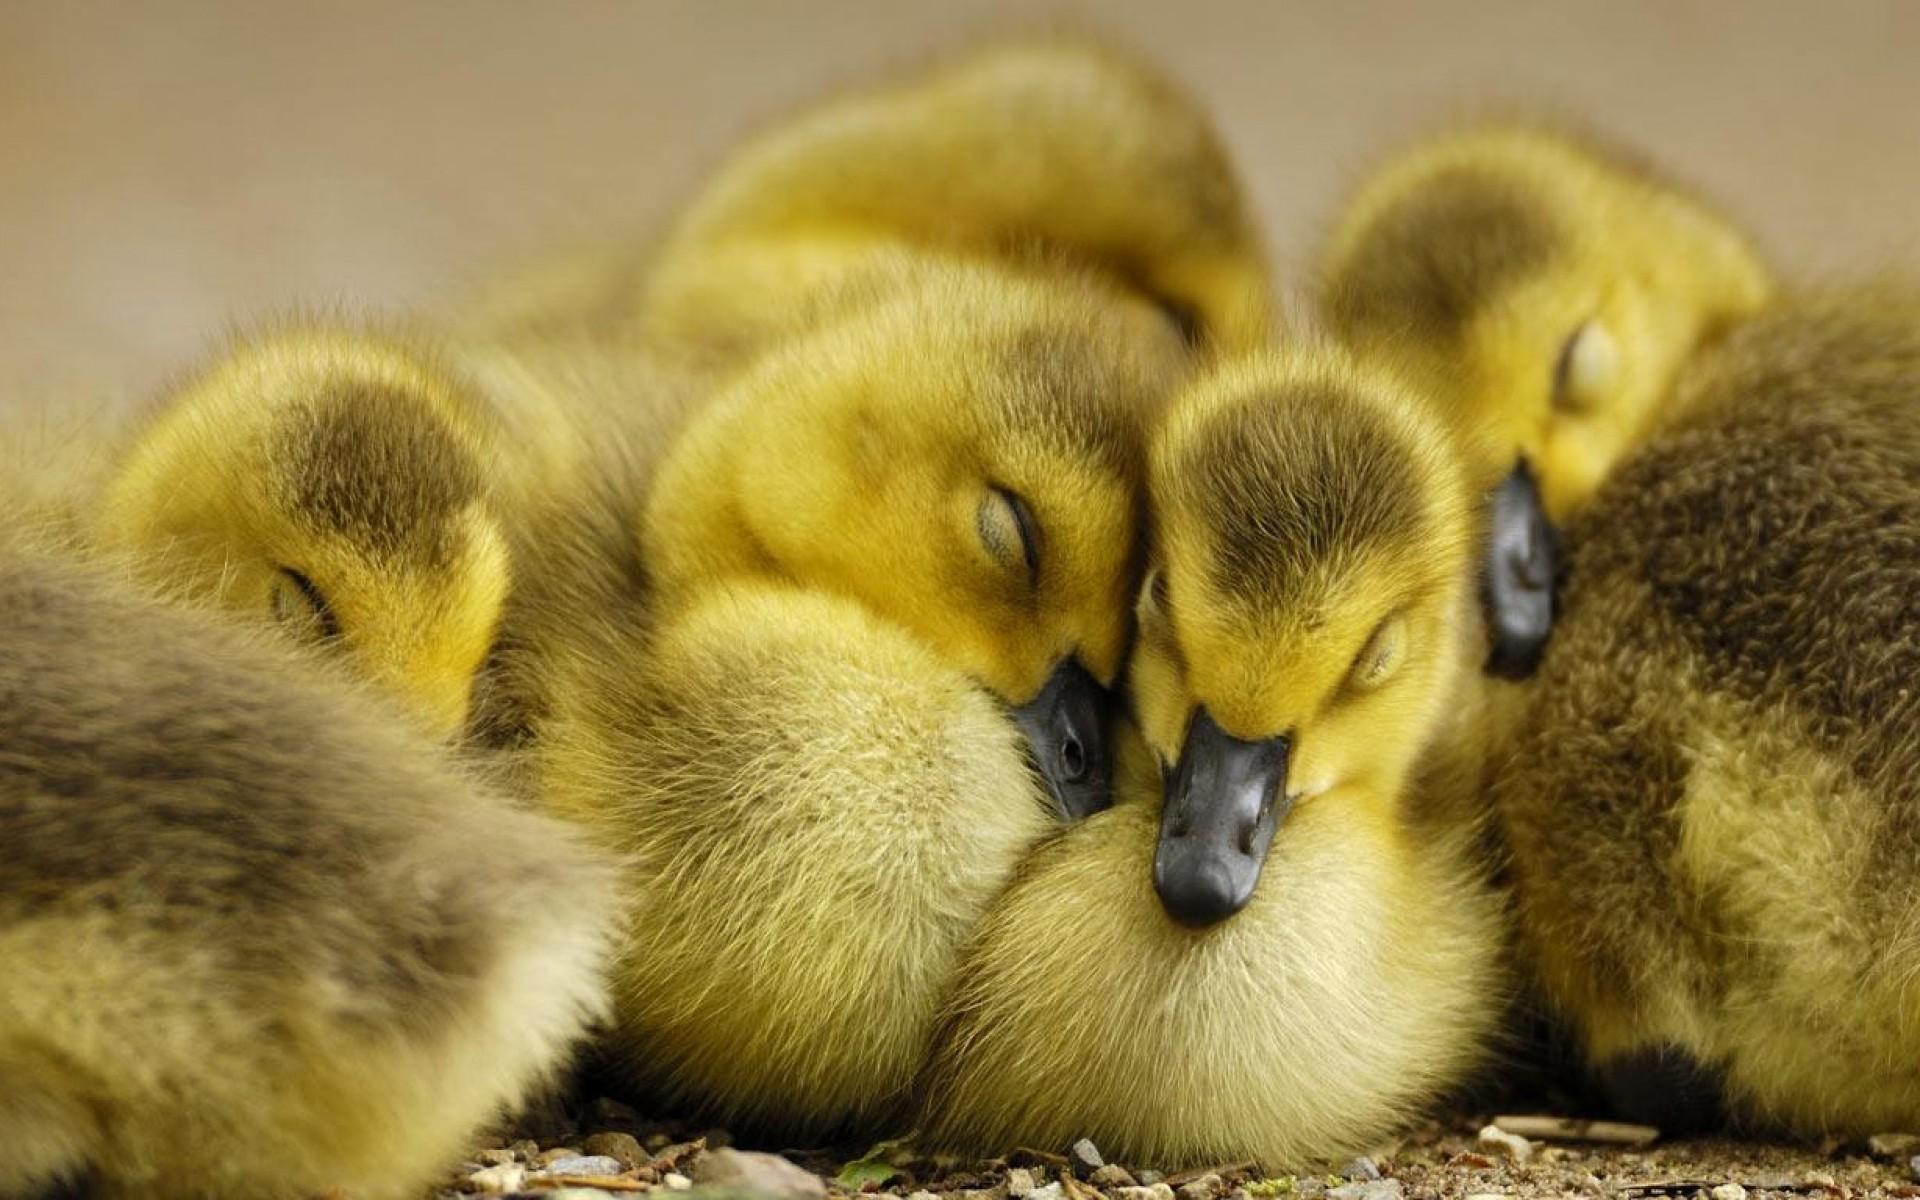 Ducklings · Ducklings